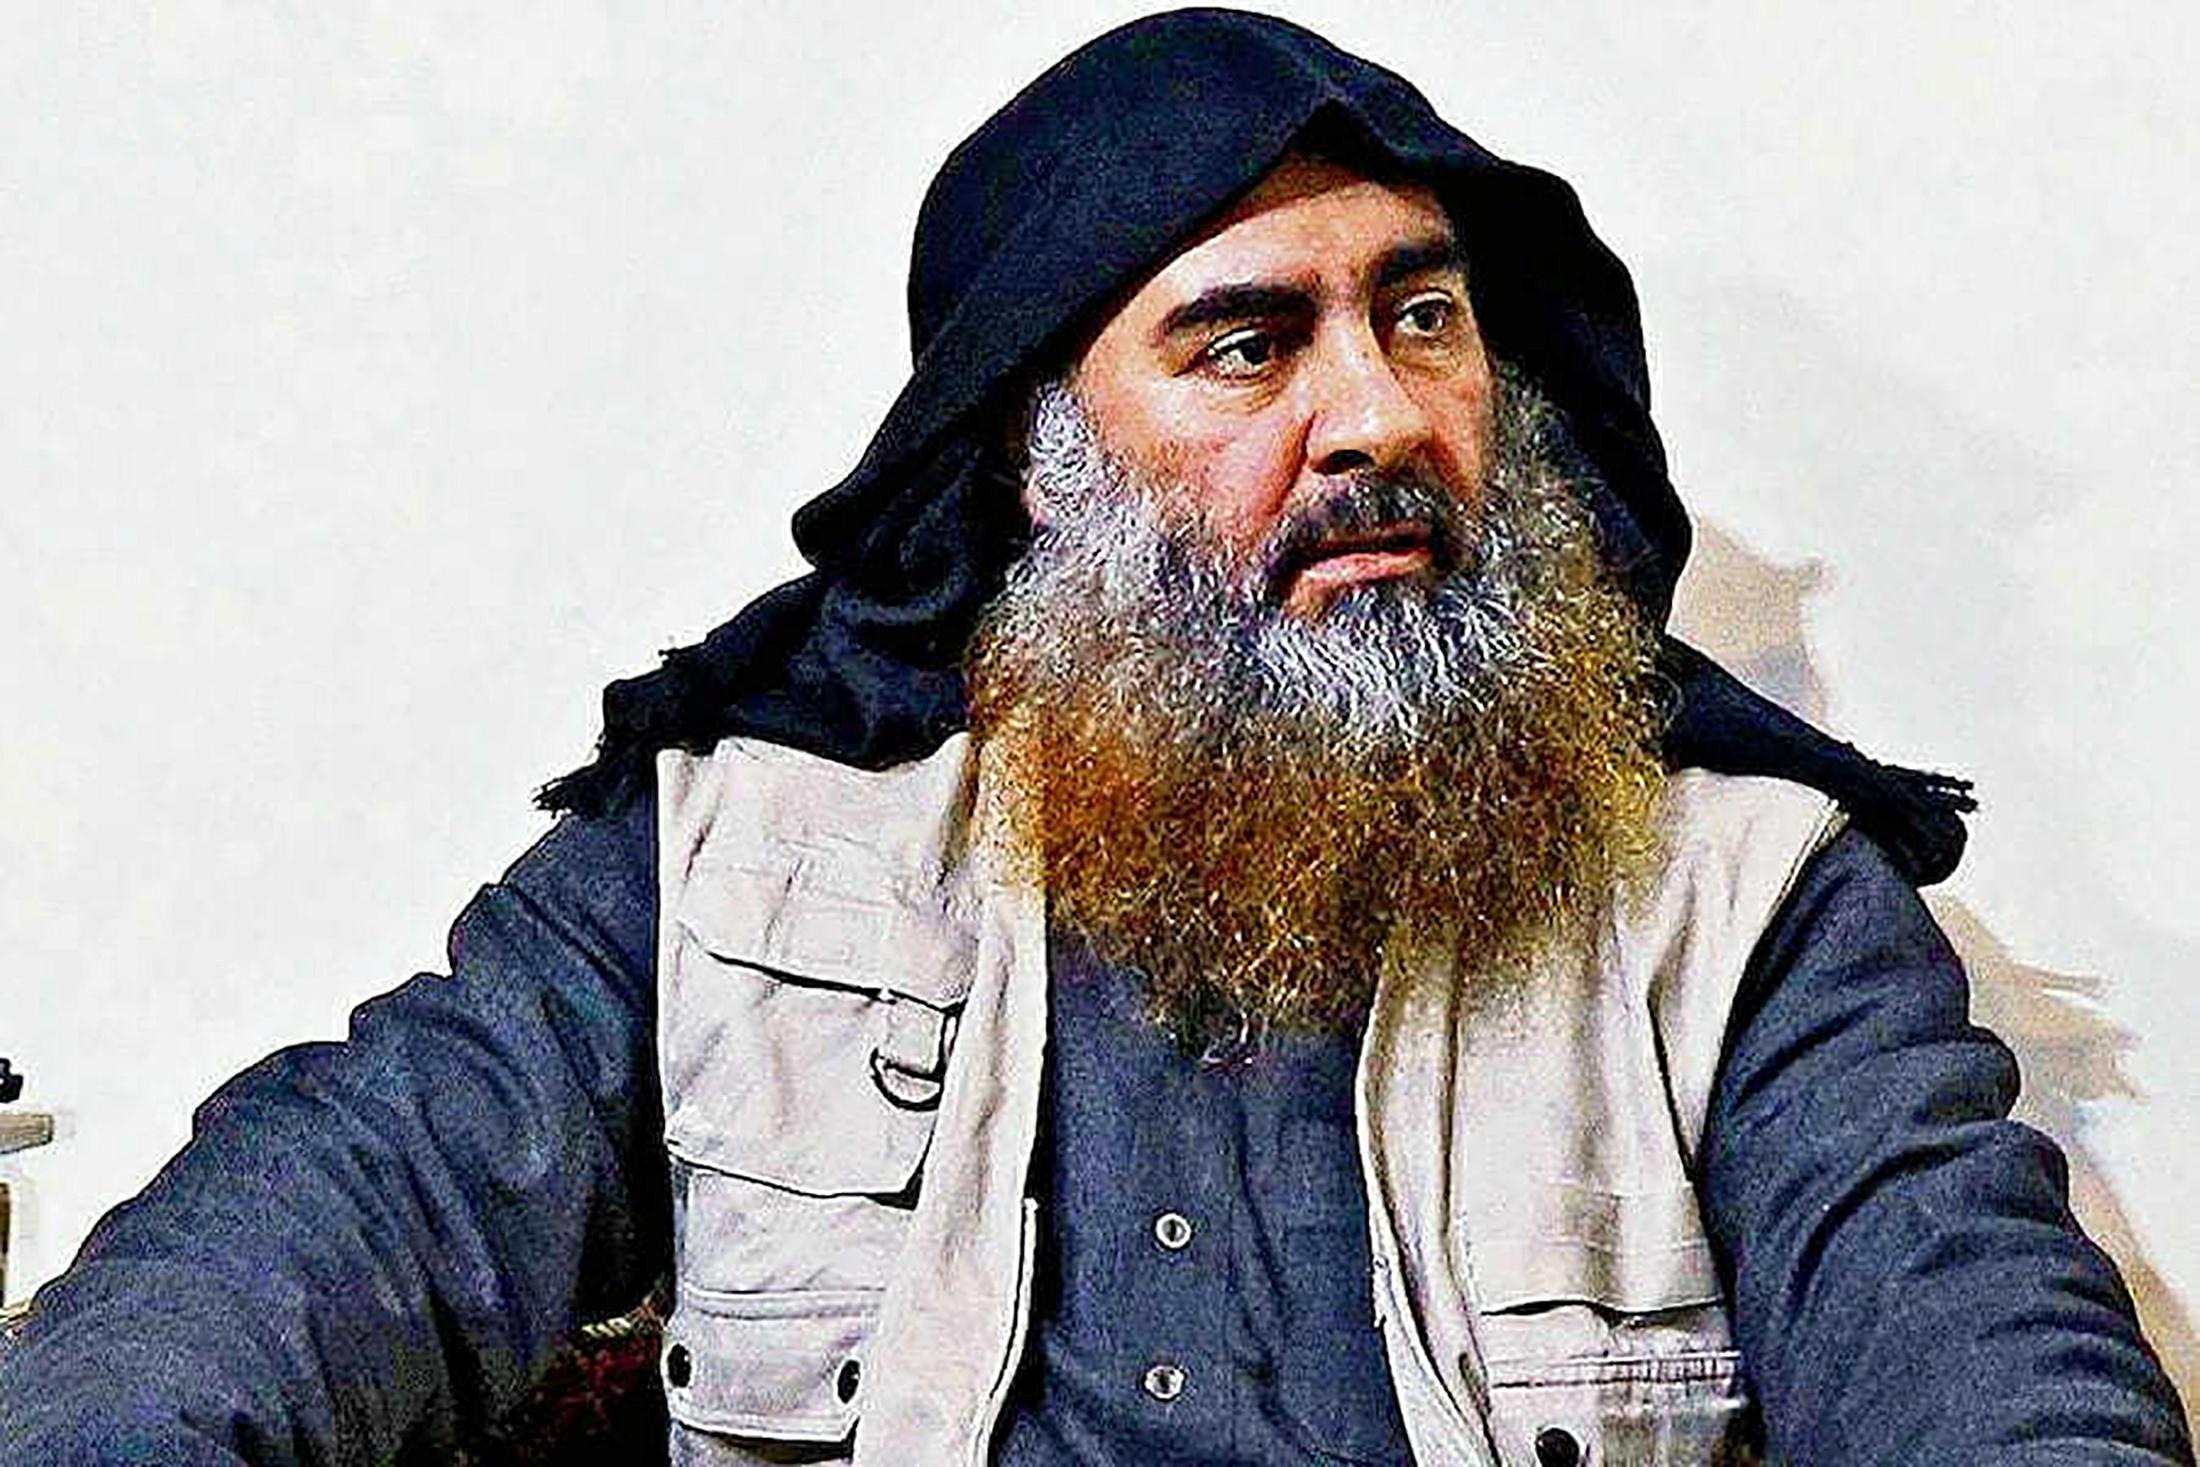 La mort d'Abou Bakr al Baghdadi confirmée par l'Etat islamique